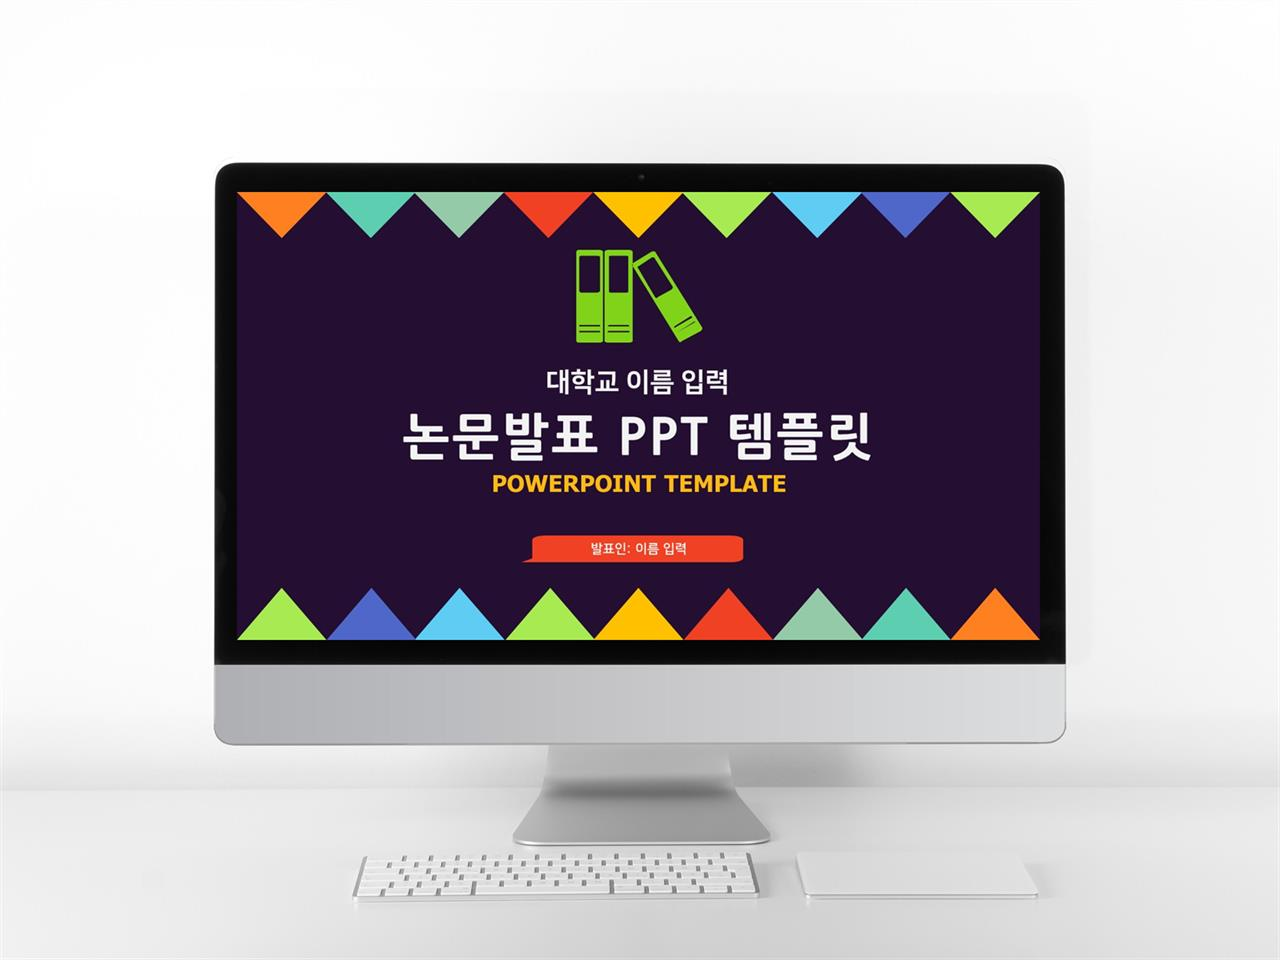 학위논문 블랙 어둑어둑한 매력적인 POWERPOINT탬플릿 제작 미리보기